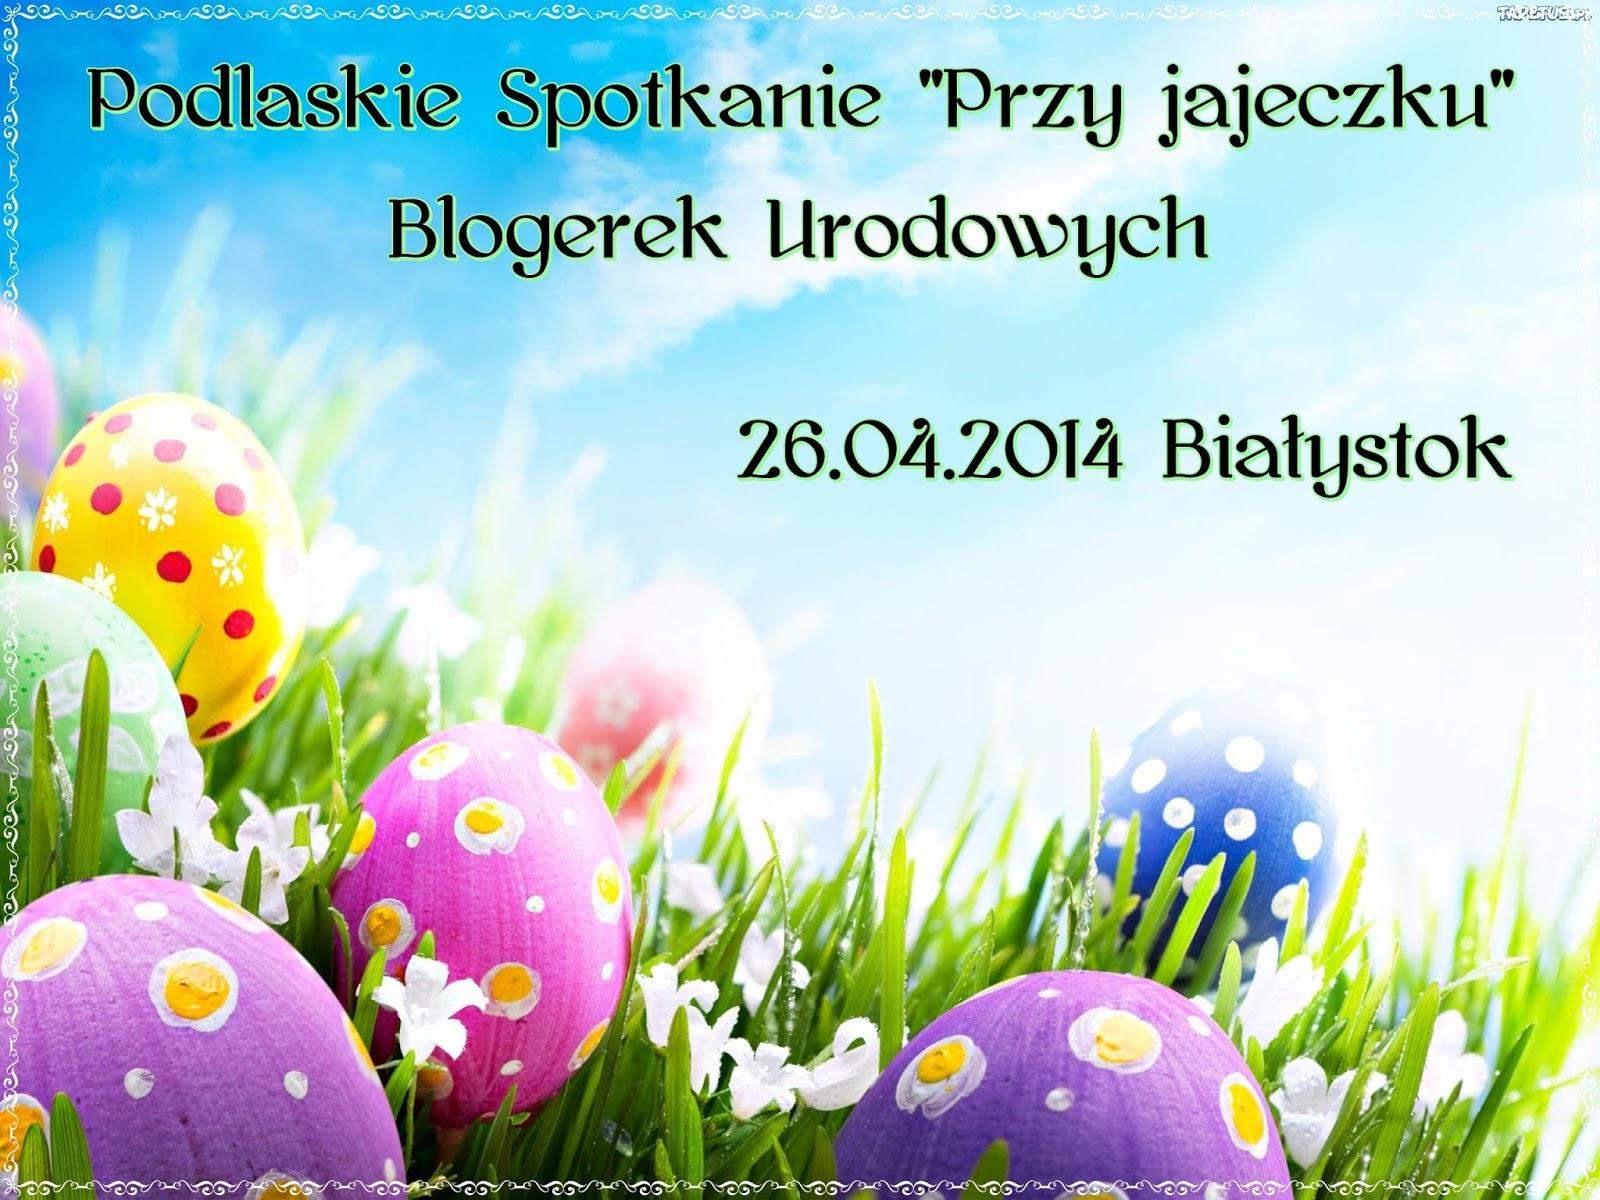 """III SPOTKANIE PODLASKICH BLOGEREK URODOWYCH - """"SPOTKANIE PRZY JAJECZKU"""" ( BIAŁYSTOK, 26.04.2014 )"""